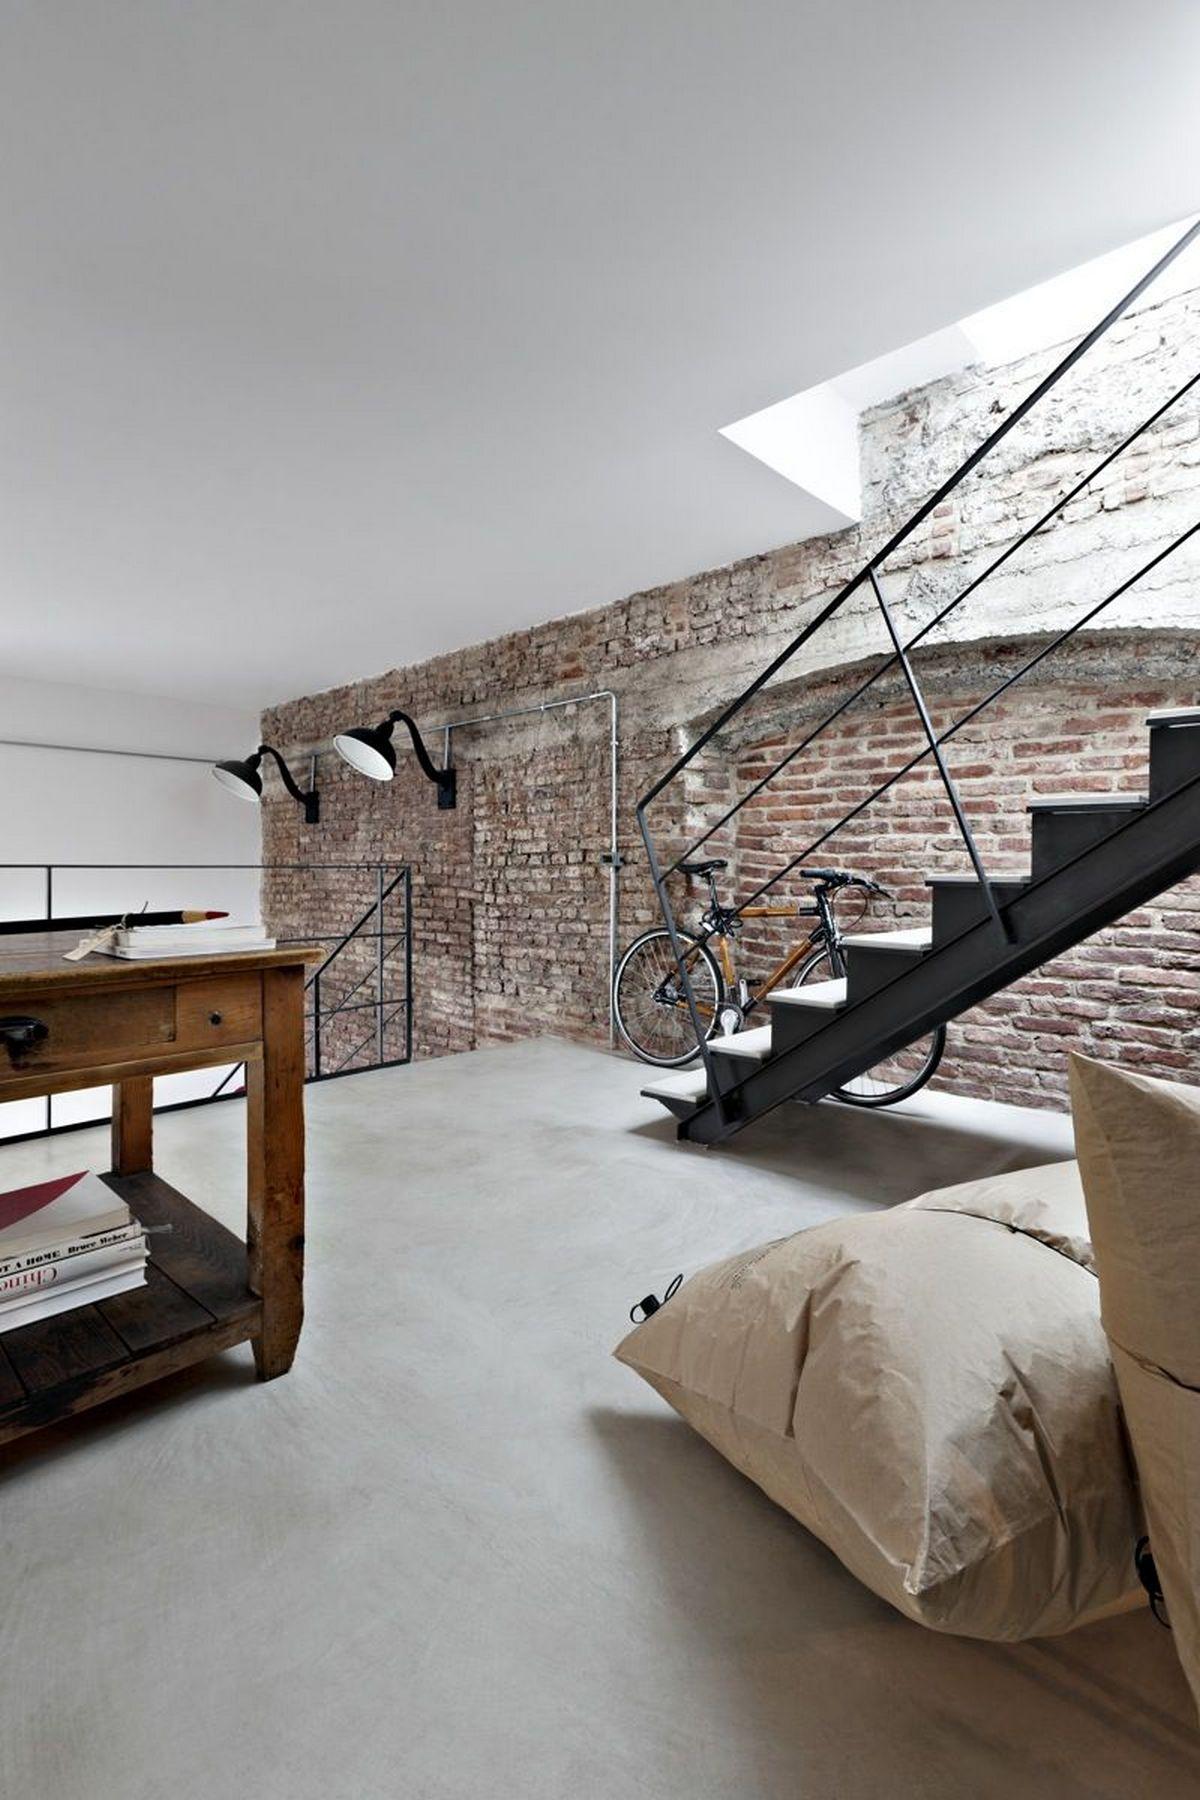 индустриальный стиль в дизайне интерьера многоуровневой квартиры